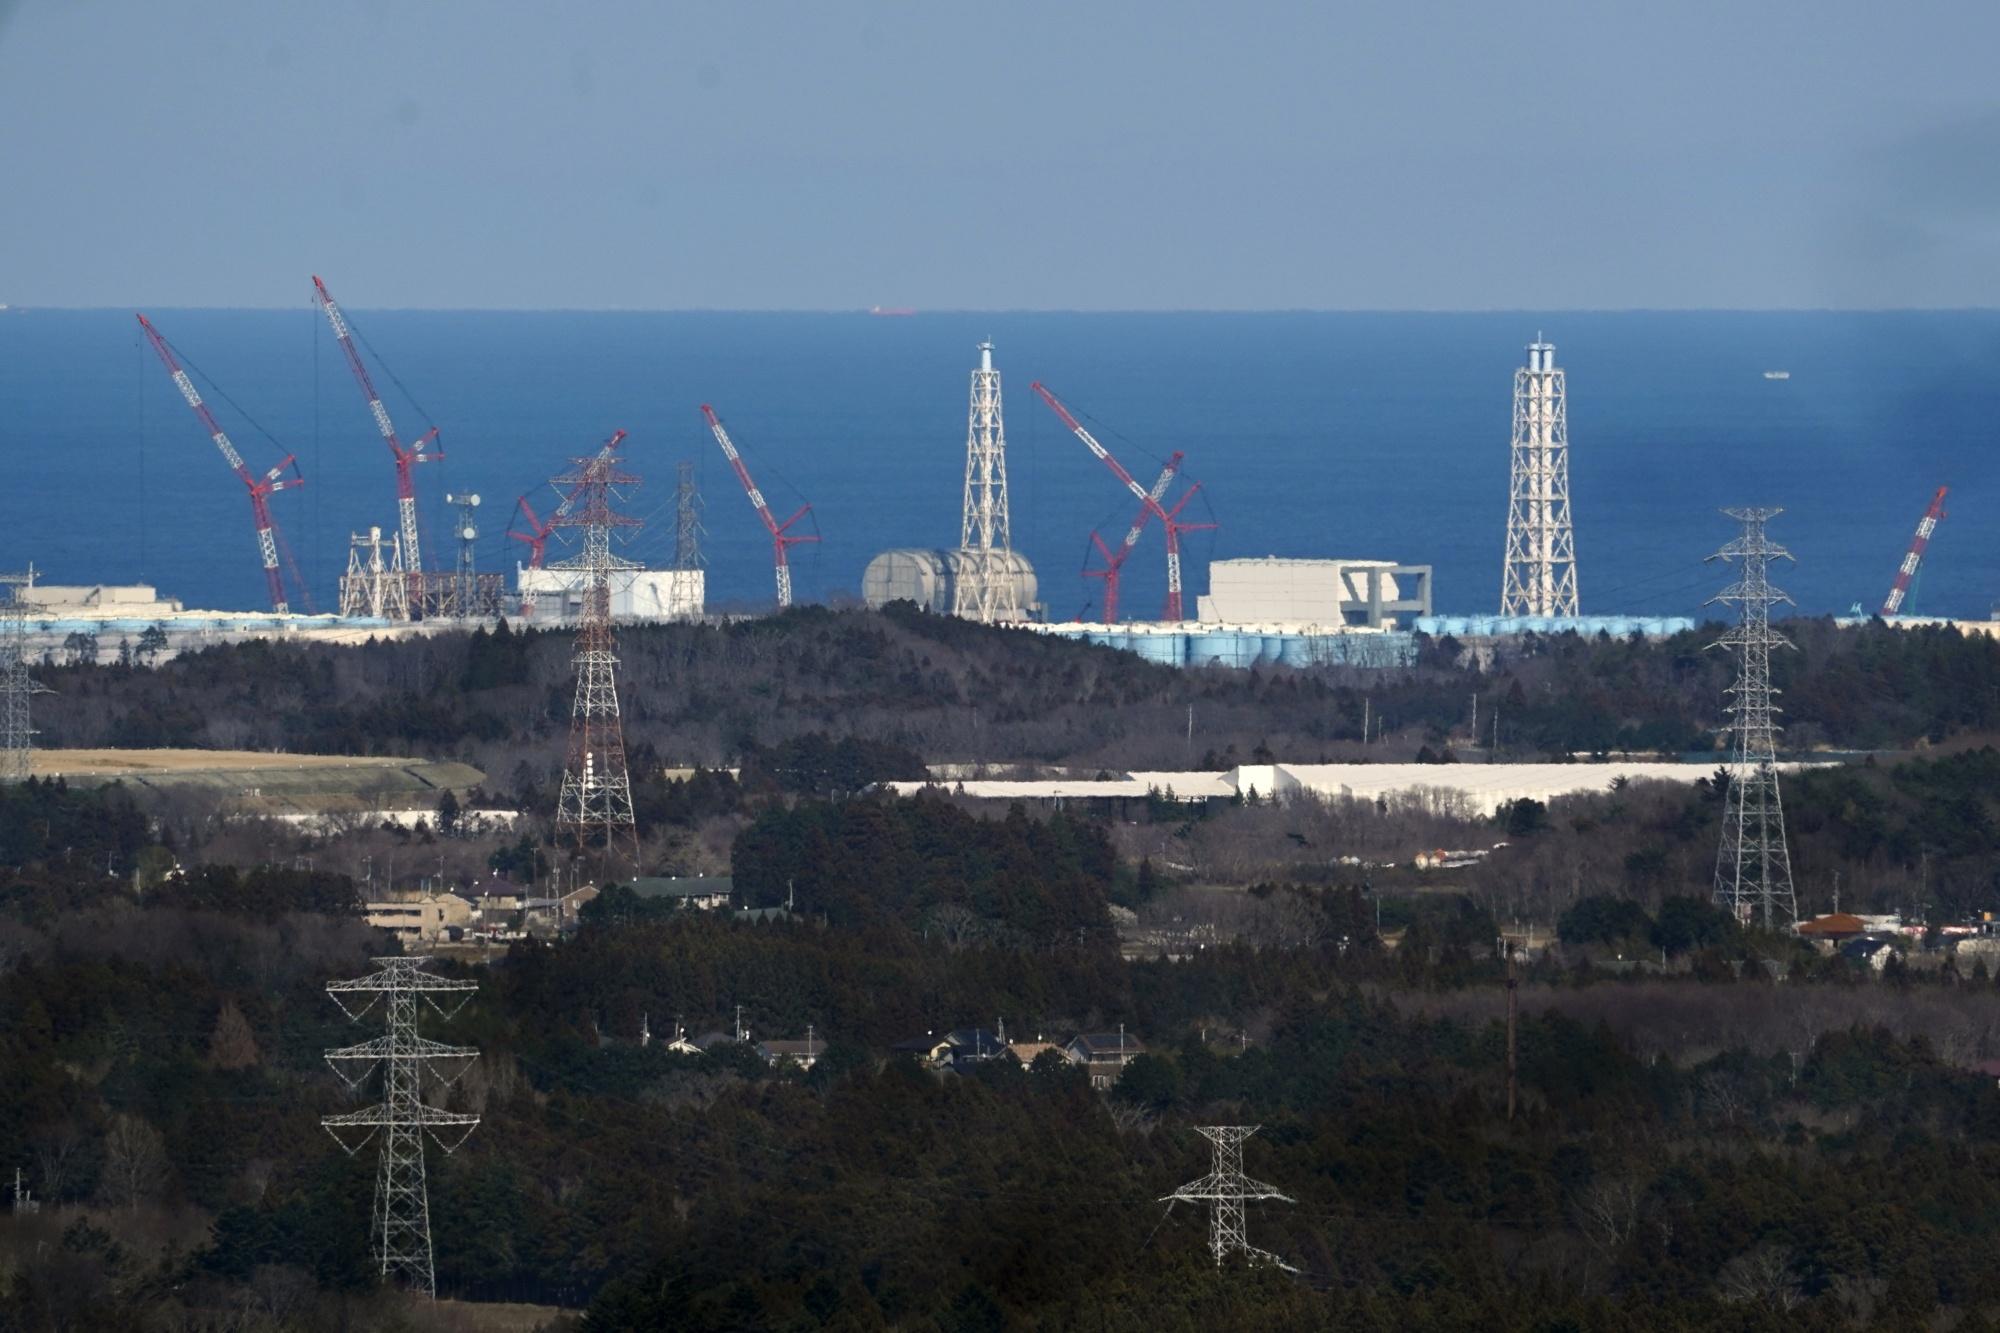 10 년의 재건 후에도 여전히 텅 빈 후쿠시마의 유령 마을